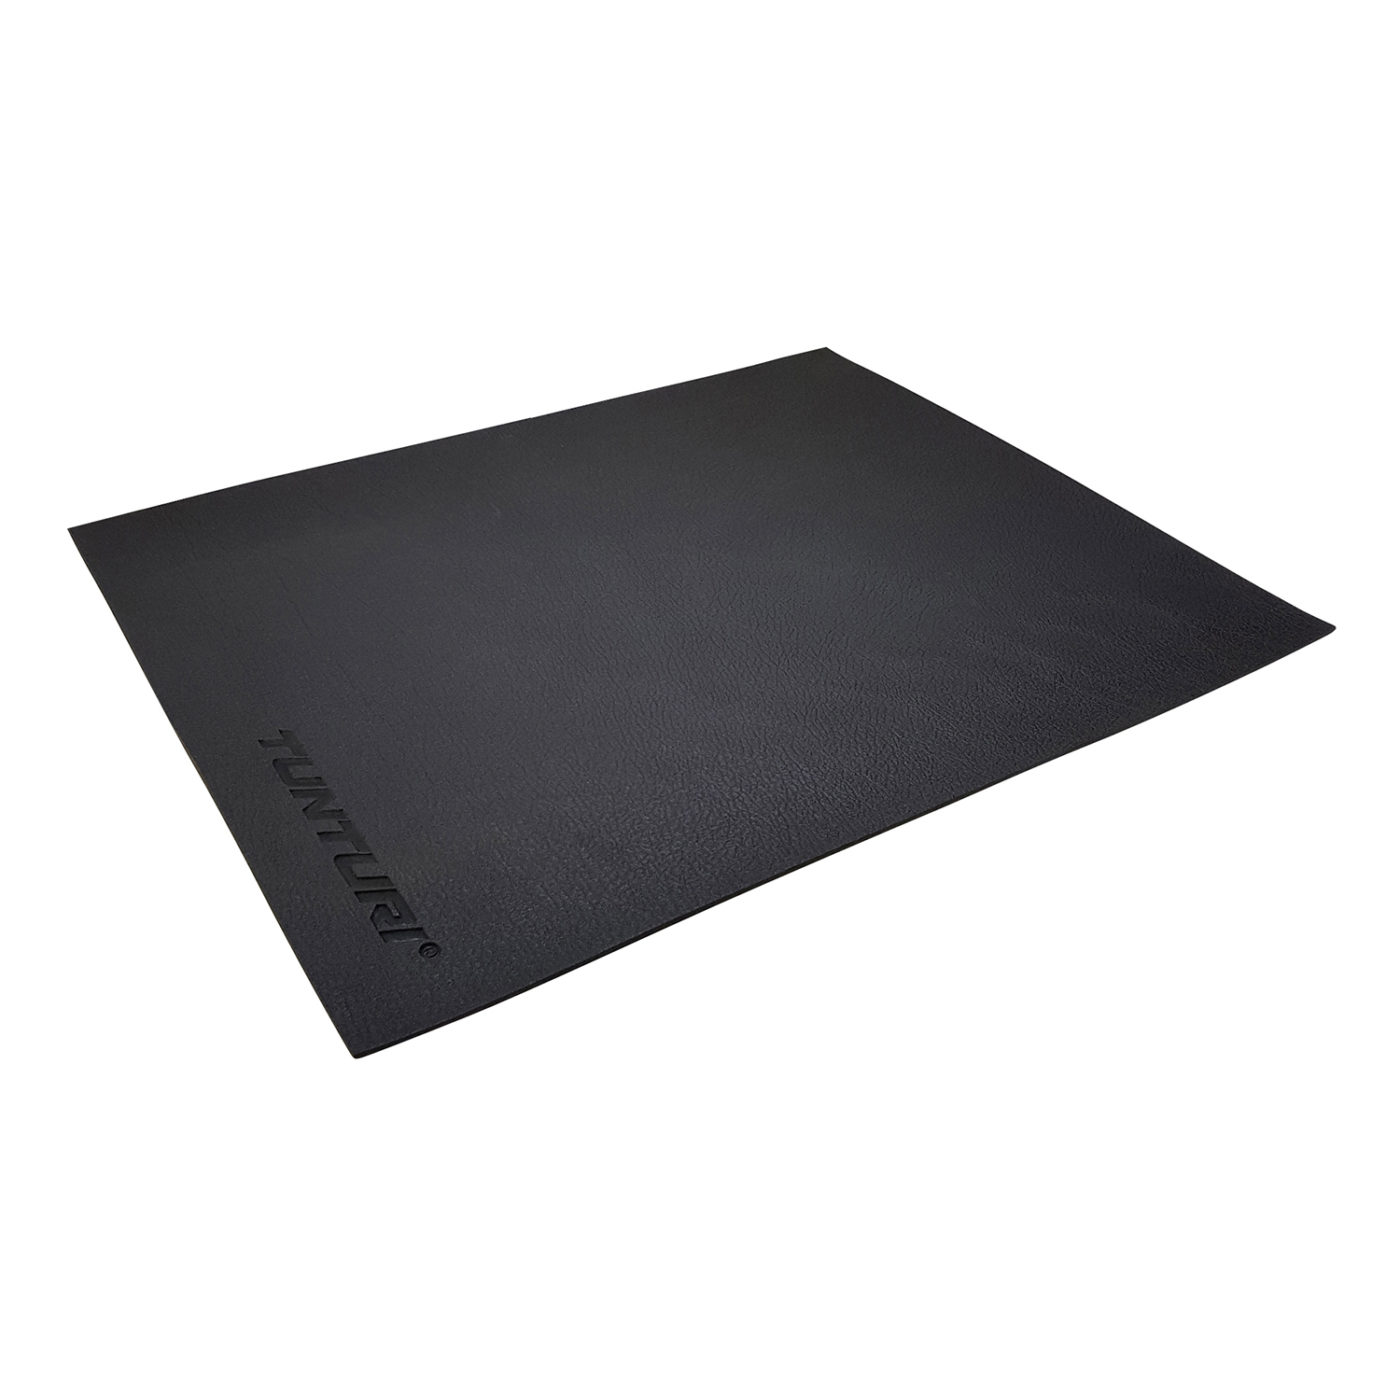 Tunturi Stoelfiets mat - Bewegingstrainer mat - Vloerbeschermmat